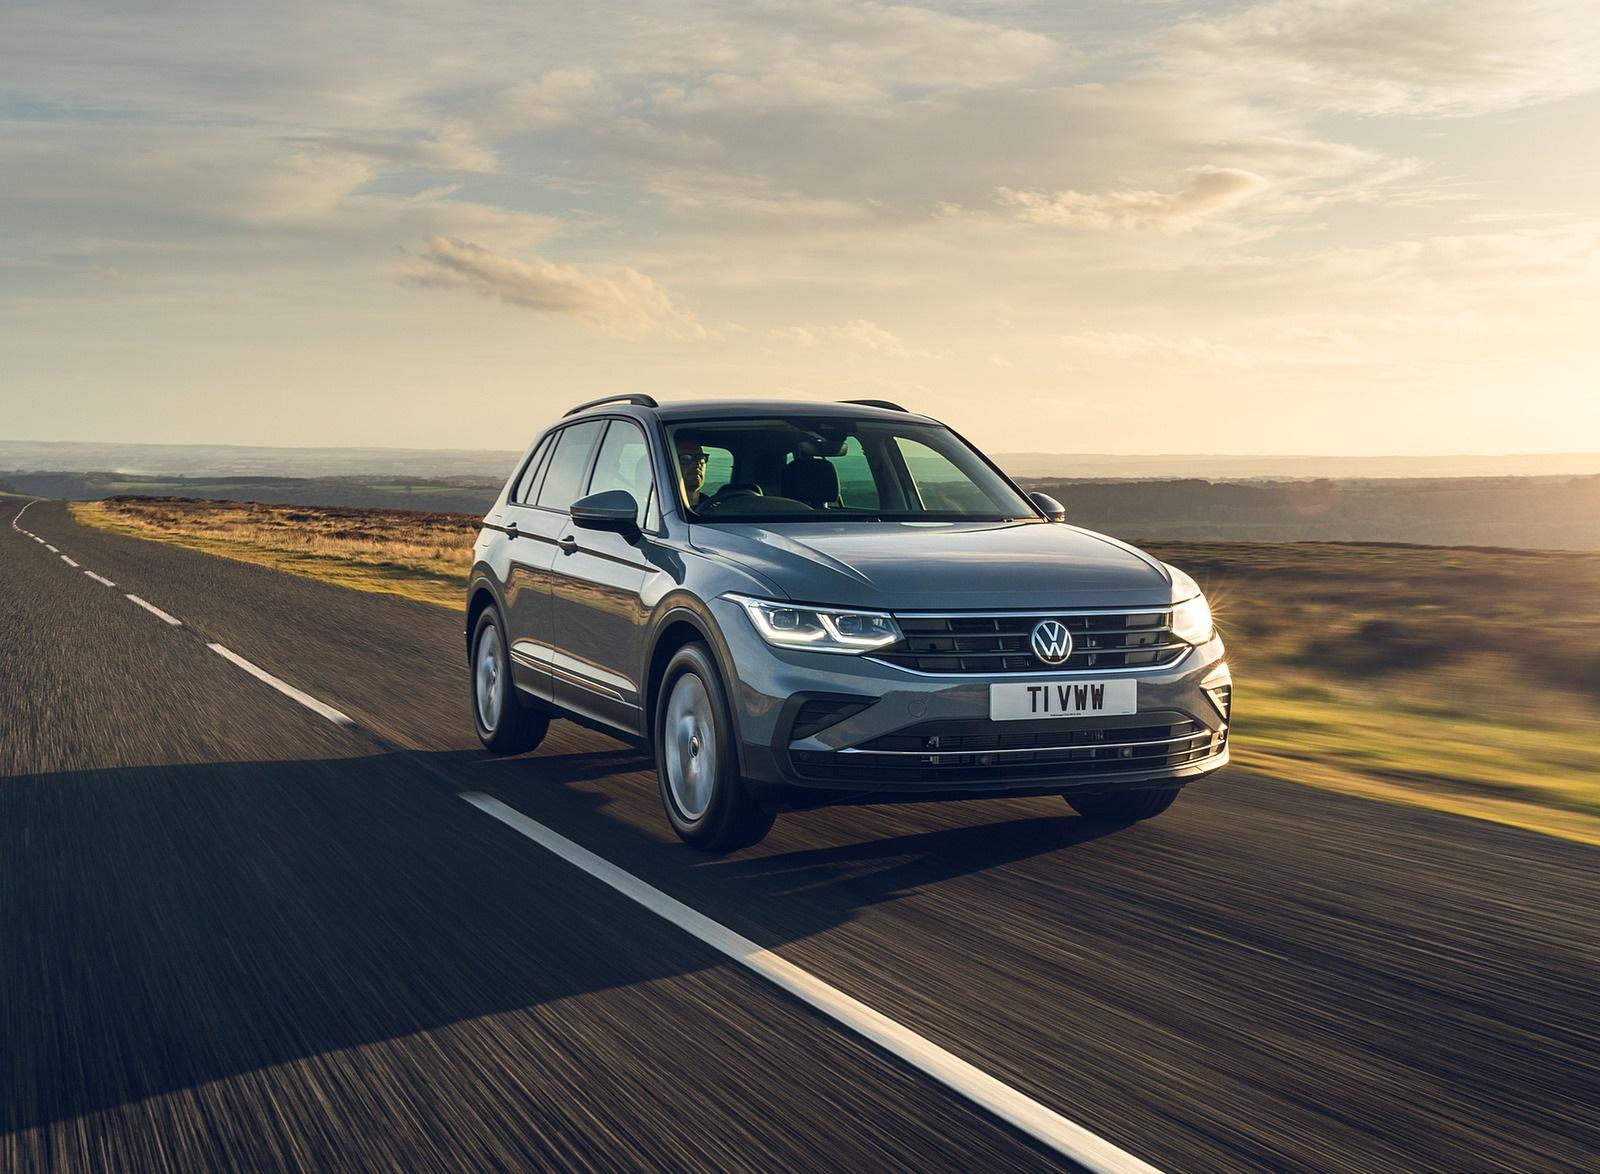 2021 Volkswagen Tiguan Life (UK-Spec) Front Three-Quarter Wallpapers (6)